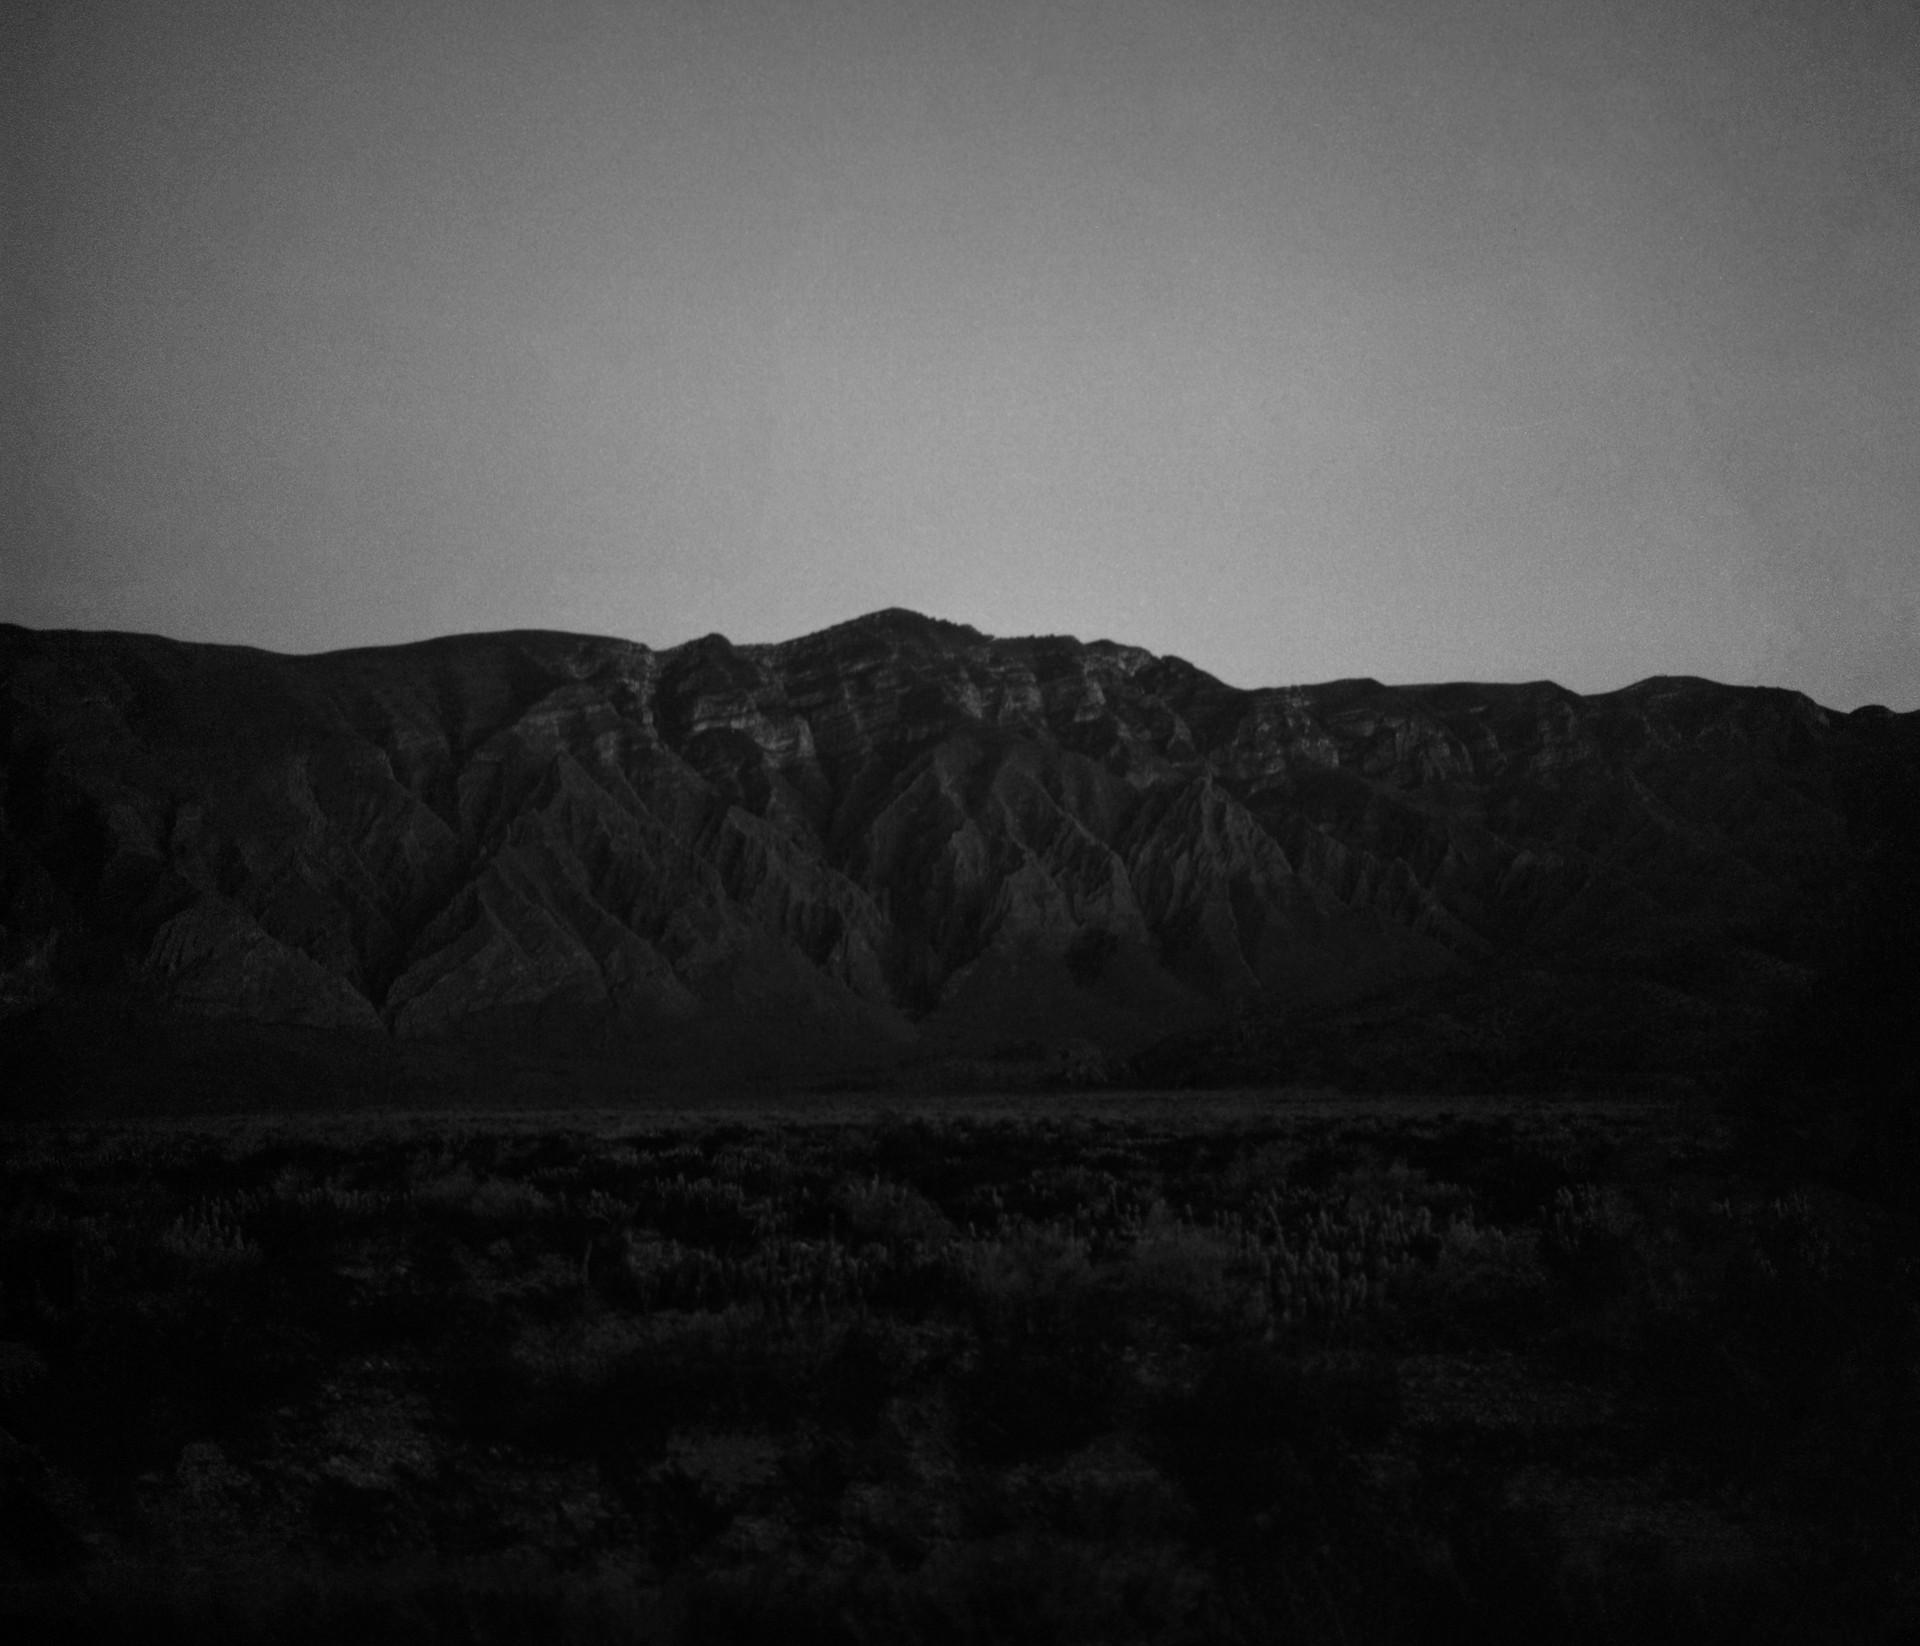 Fotó: Koleszár Adél: Sötétedés a torreoni sivatagban, részlet Az erőszak sebei című sorozatból